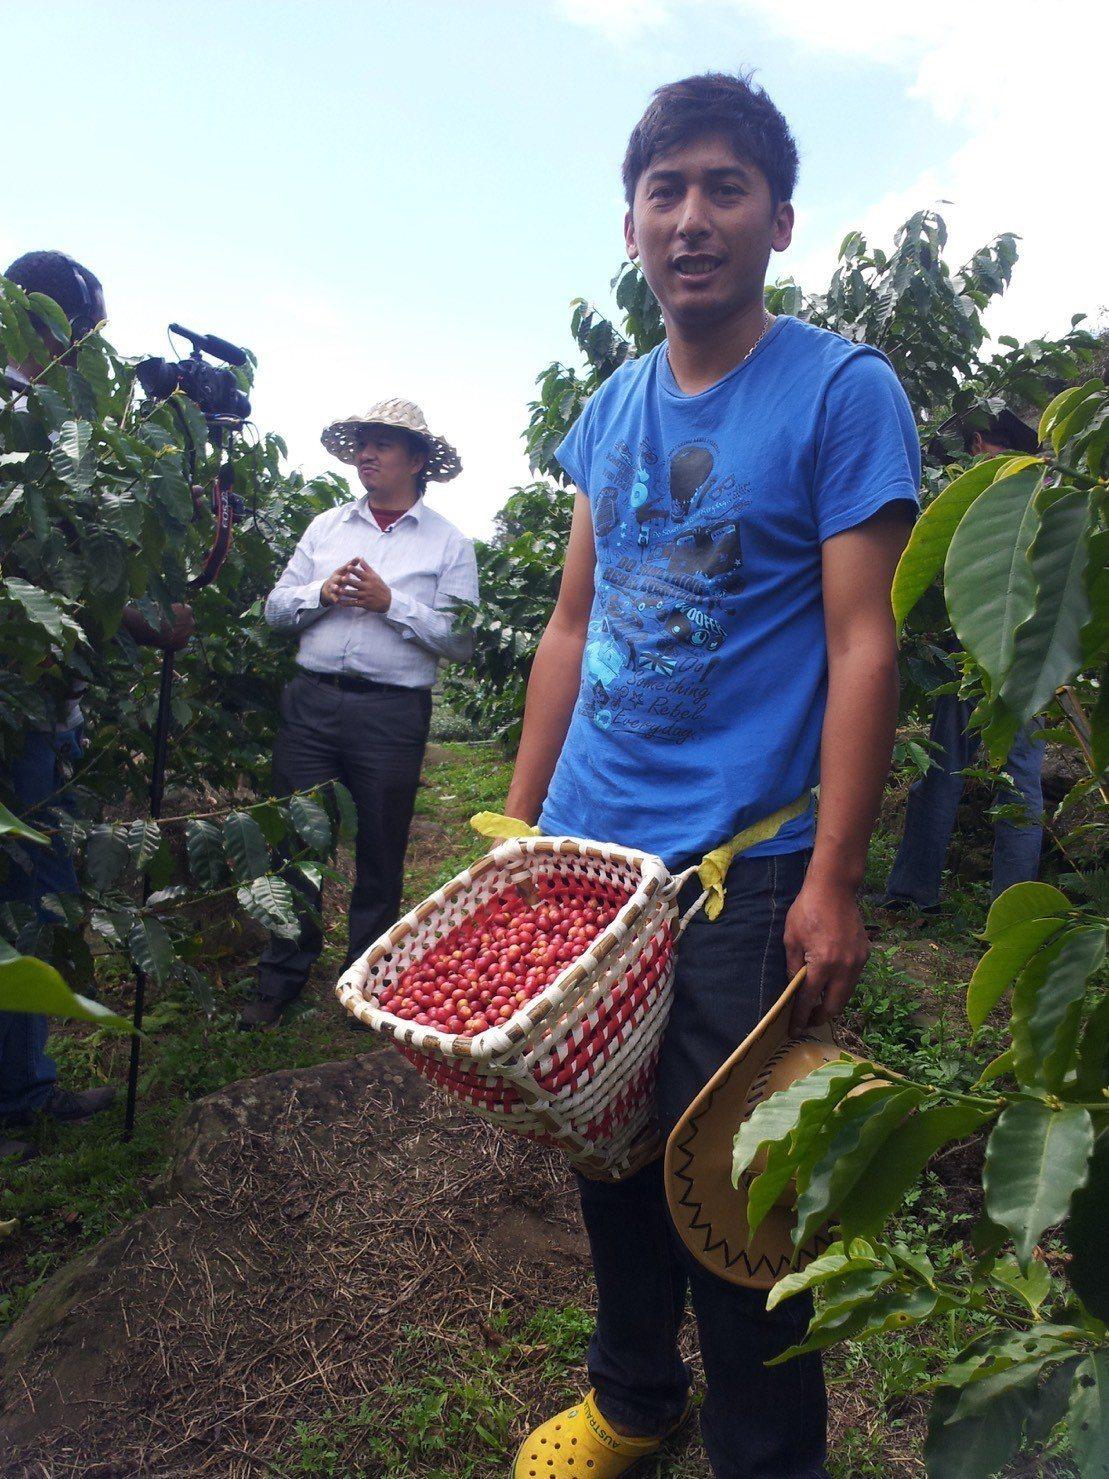 阿里山鄒築園方政倫栽種的咖啡豆,擁有獨特龍眼乾及威士忌風味,榮獲今年亞洲咖啡年會...